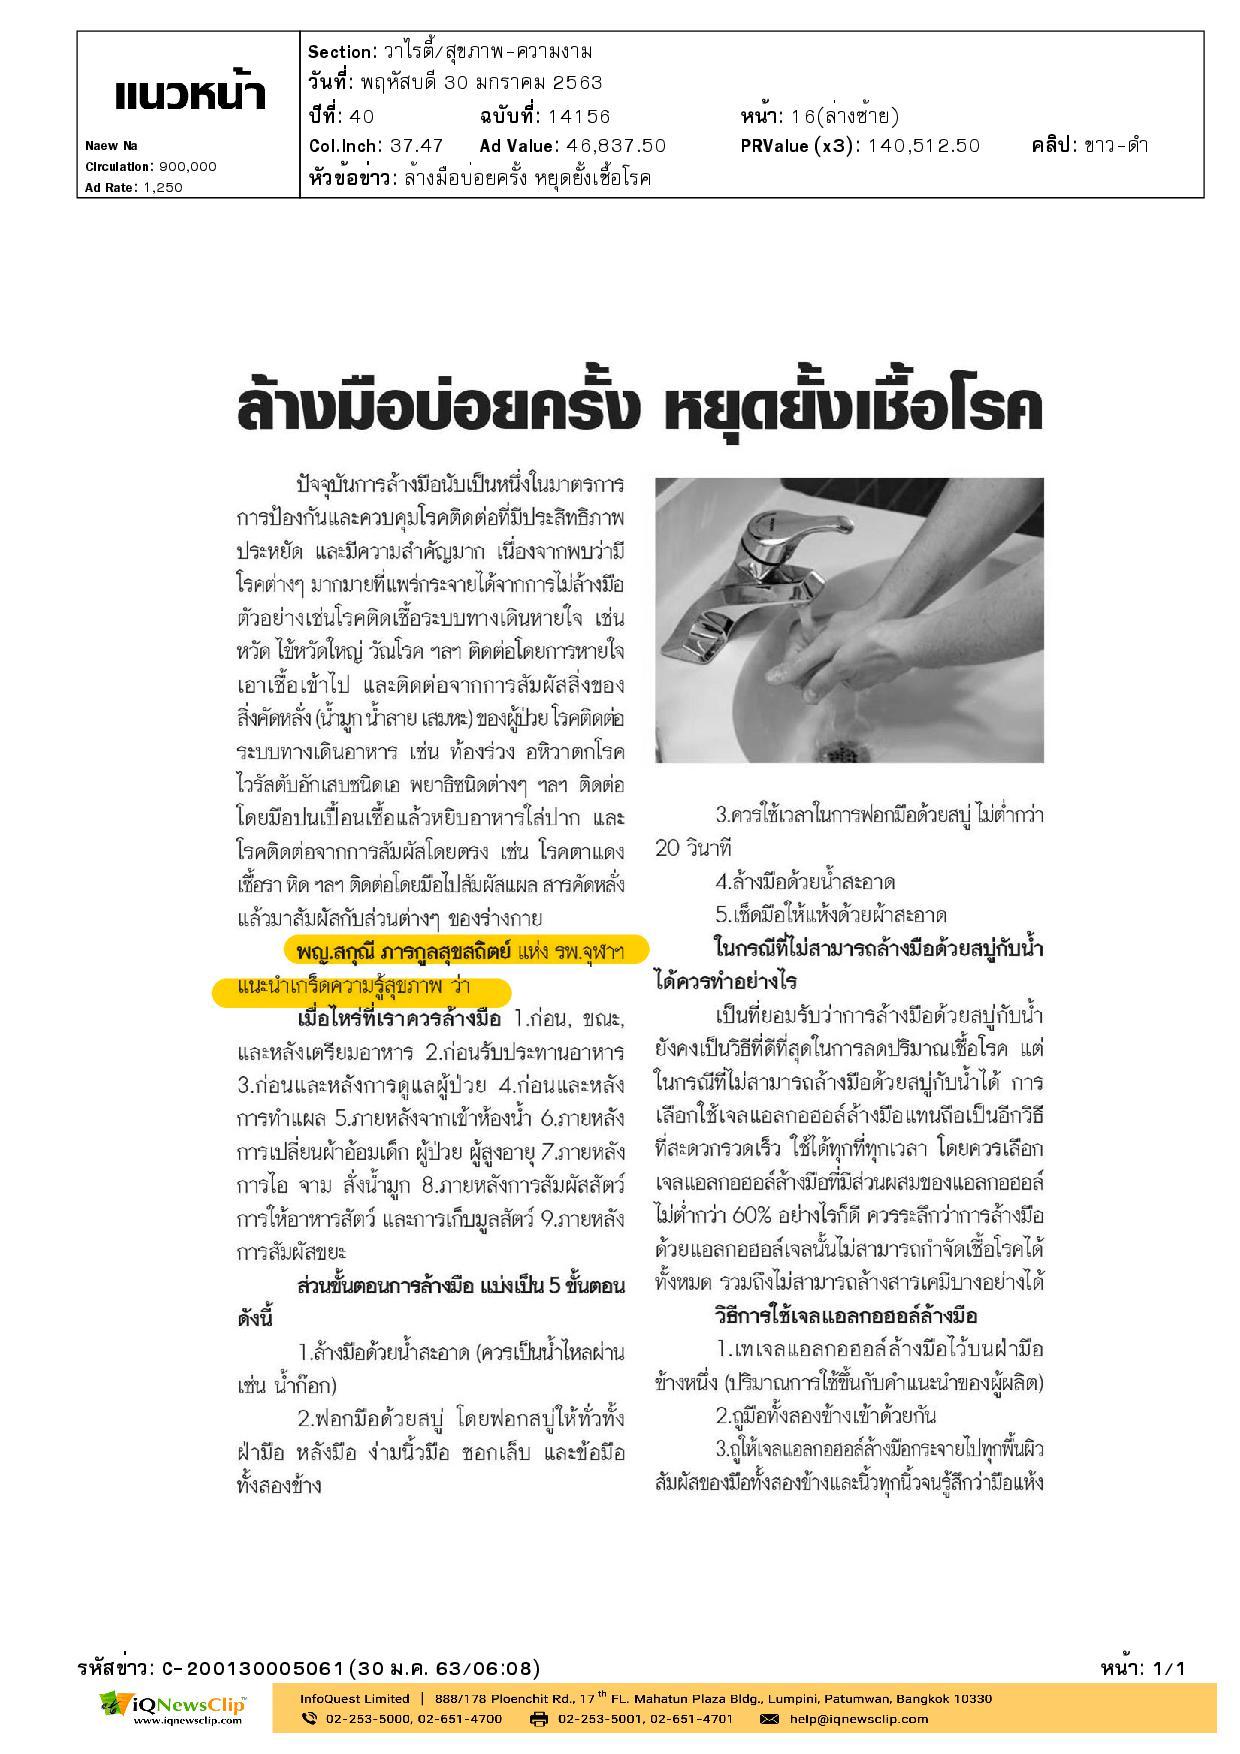 """บทความเรื่อง """"ล้างมือบ่อยครั้ง หยุดยั้งเชื้อโรค"""""""